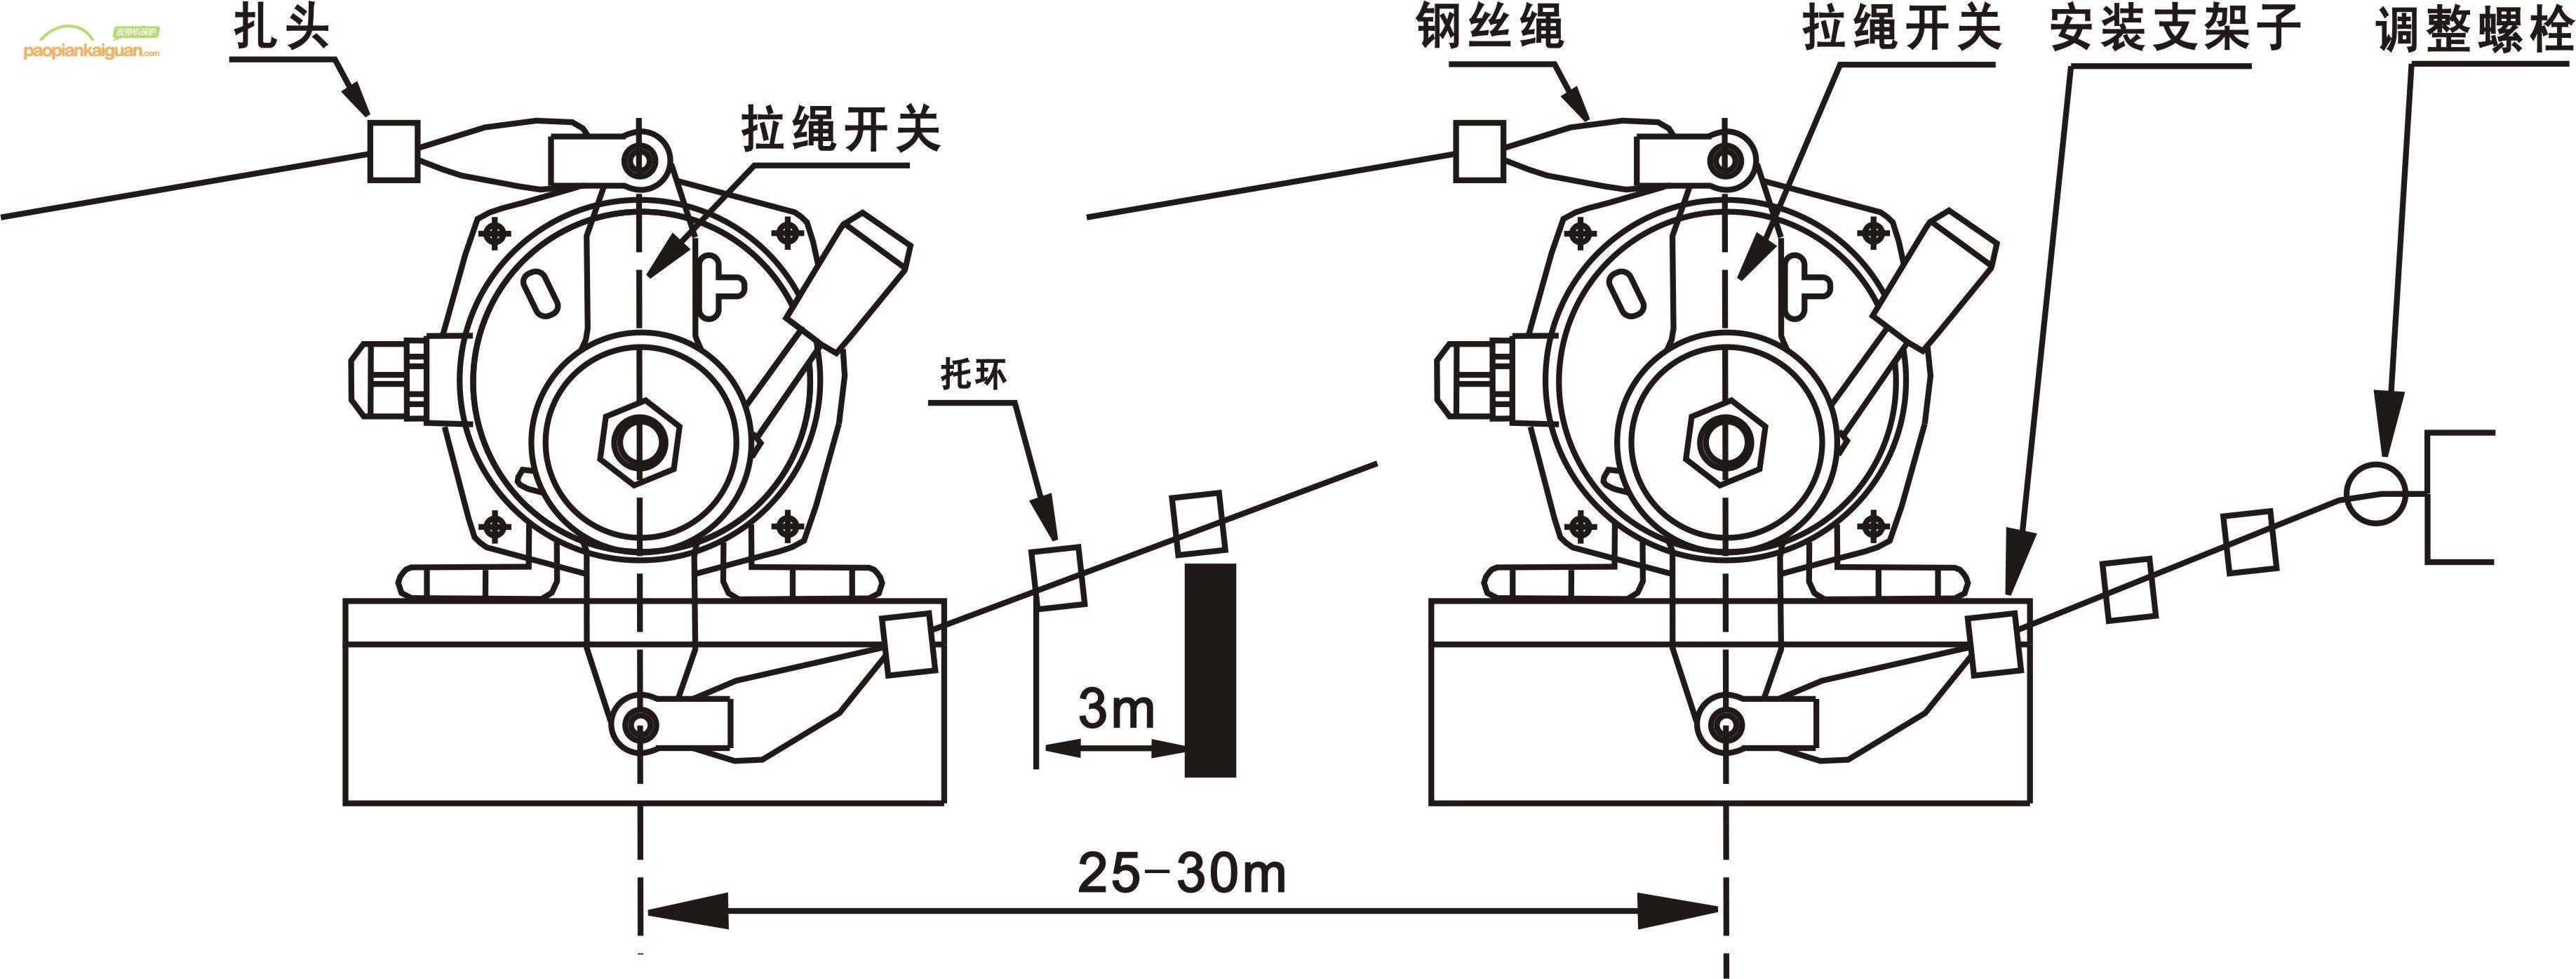 HFKLT2-I手动复位型拉绳开关安装示意图